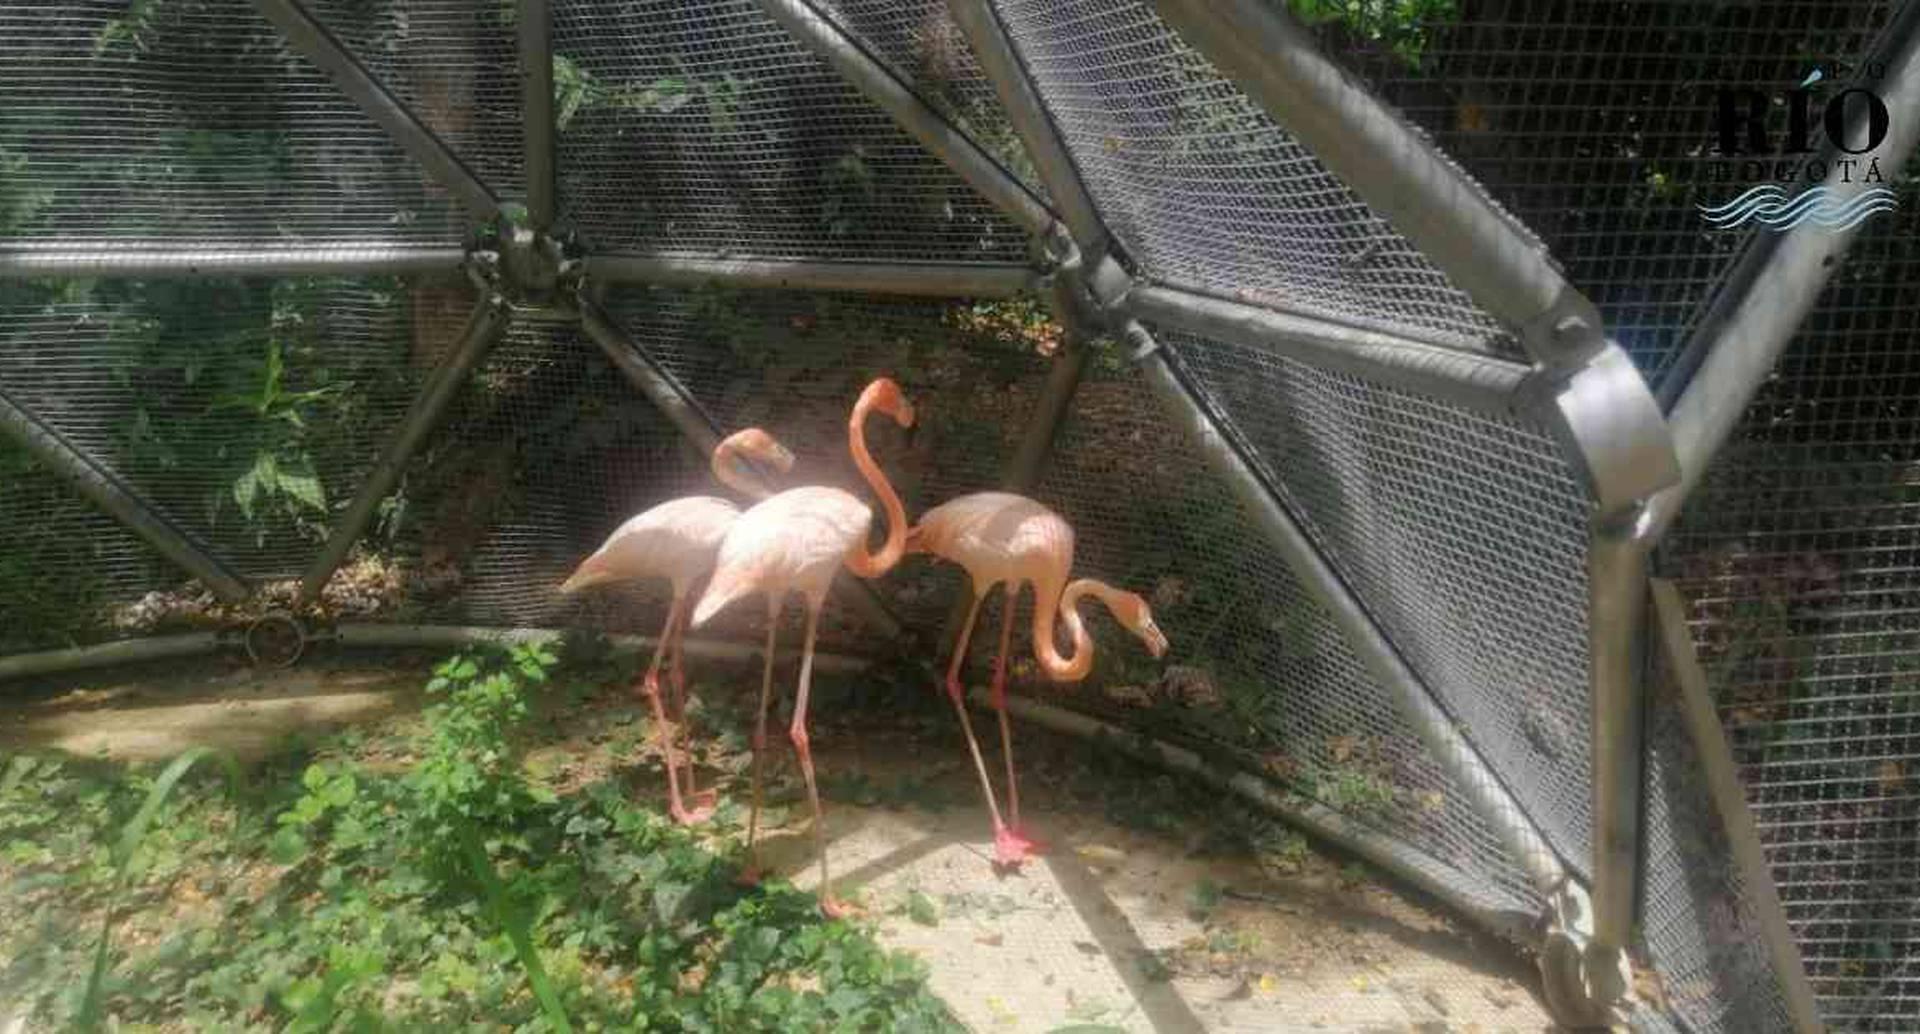 Los tres flamencos eran dos hembras y un macho que fueron víctimas del tráfico de fauna en Fusagasugá, Cundinamarca. Foto: CAR | Noticias hoy